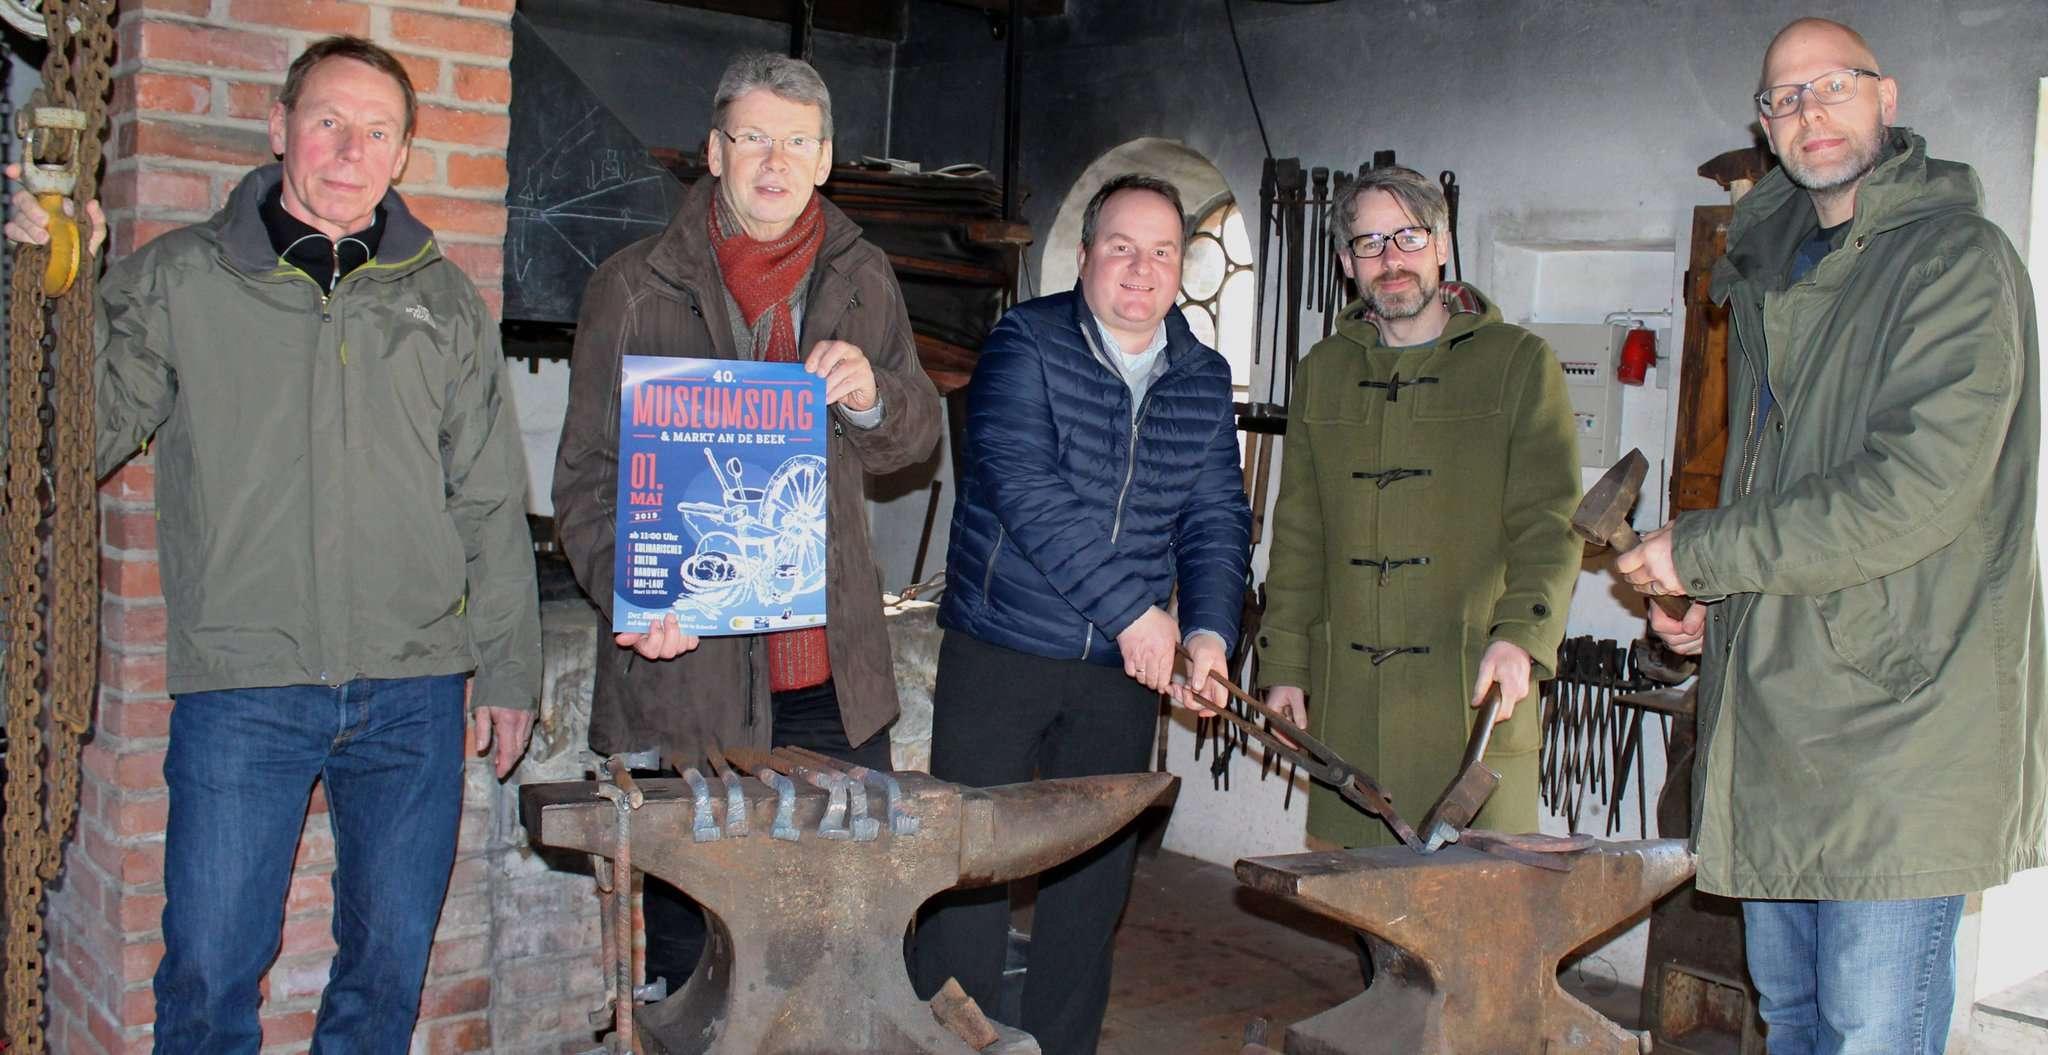 Jörg Schories (von links), Uwe Wahlers, Stefan Behrens, Thorsten Finner und Nils Meyer aus dem Organisationsteam sind gespannt, wie der neugestaltete Markt bei den Besuchern ankommt. Foto: Ann-Christin Beims